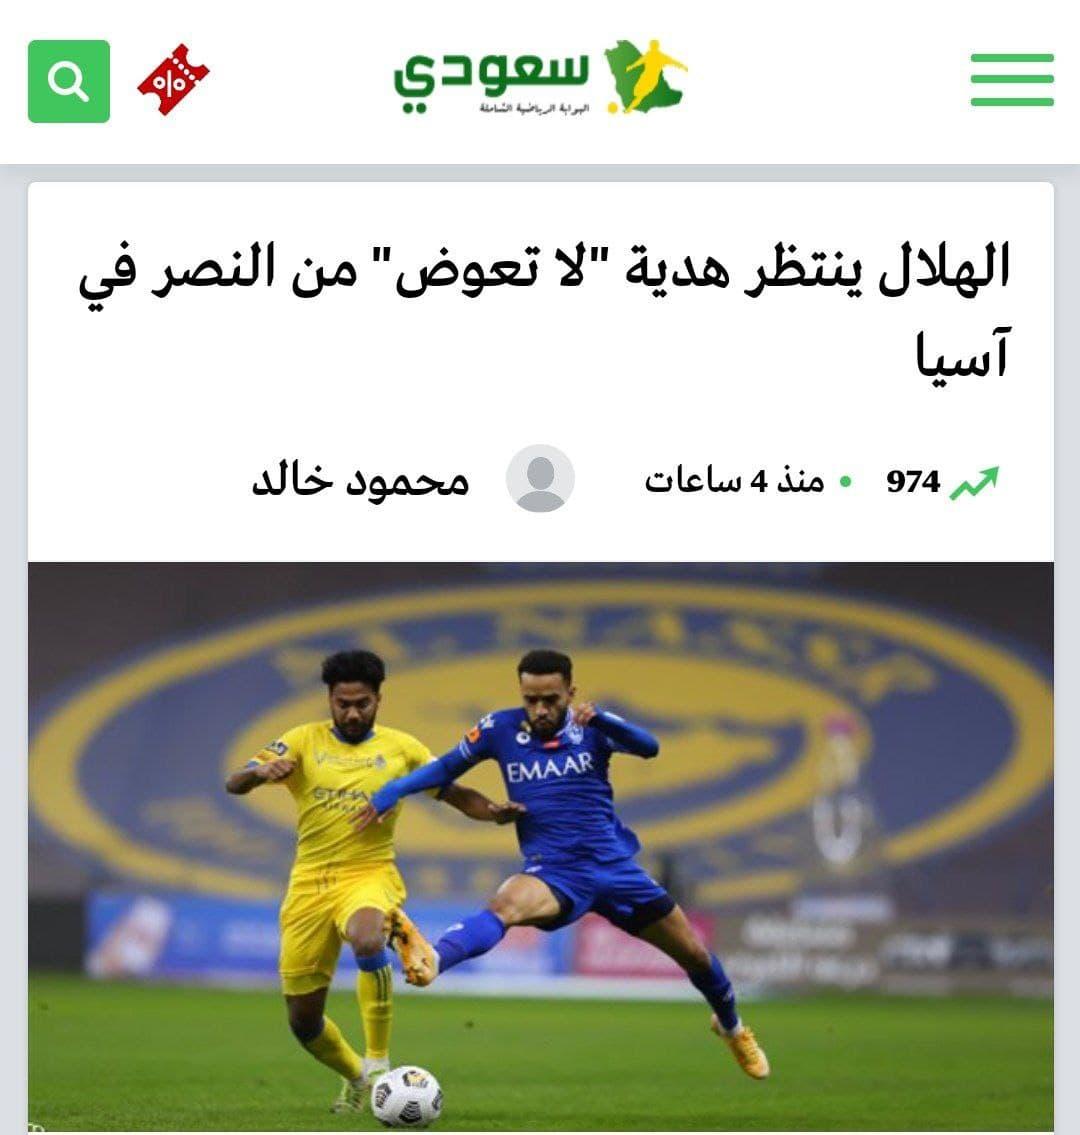 خبر عجیب روزنامه عربستانی علیه پرسپولیس!